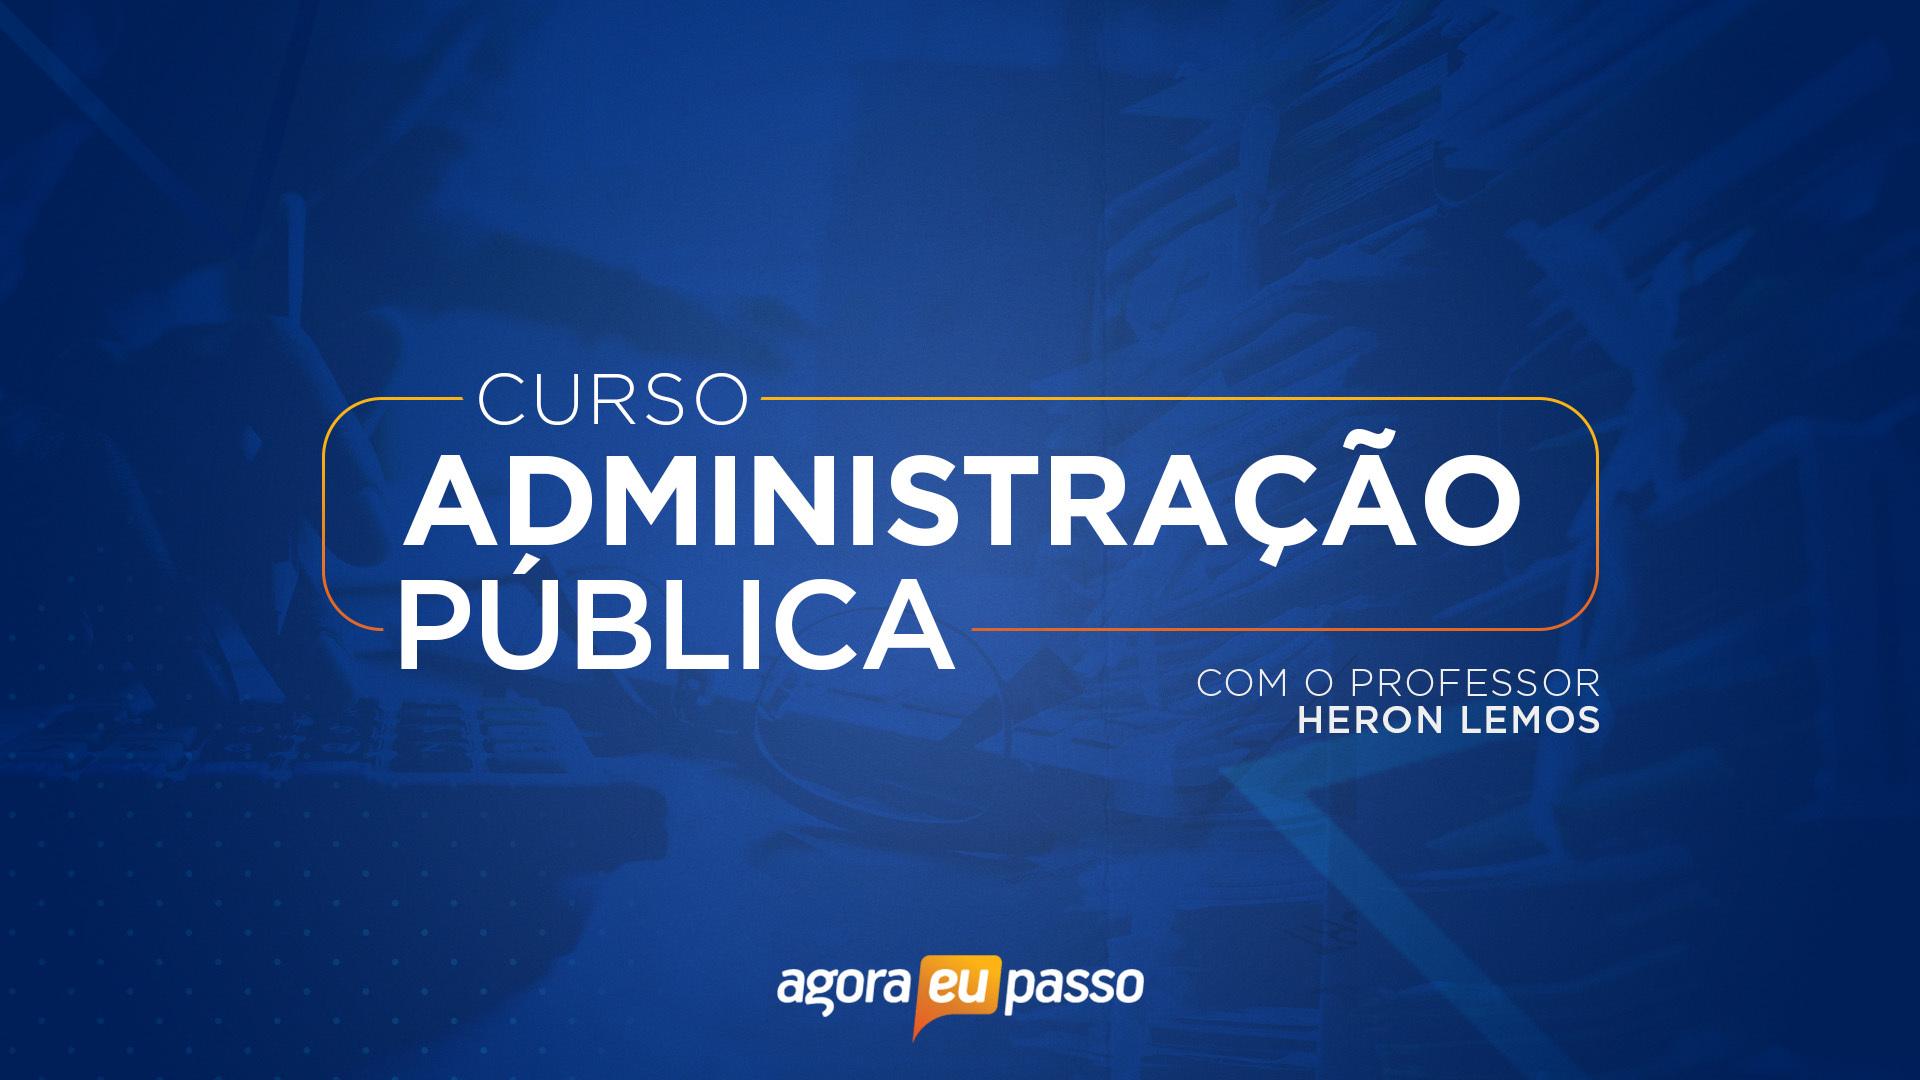 Administração Pública - Heron Lemos